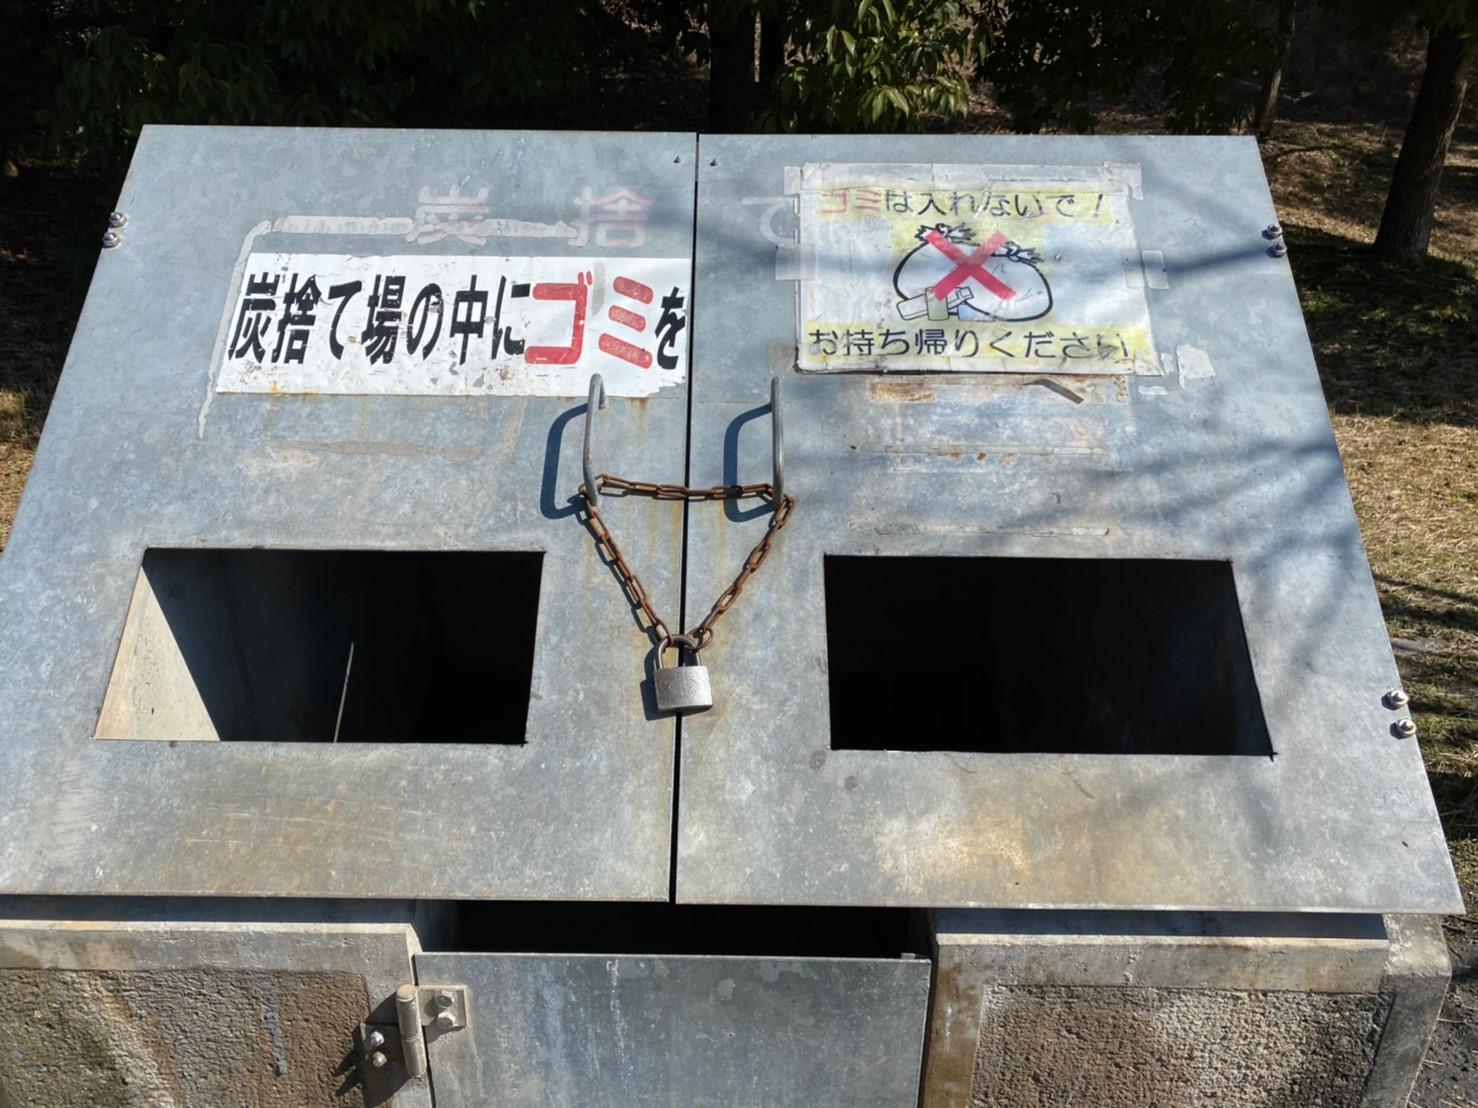 【フリースペースは無料!愛知県】『大高緑地 デイキャンプ場』の情報まとめ(駐車場・トイレ)